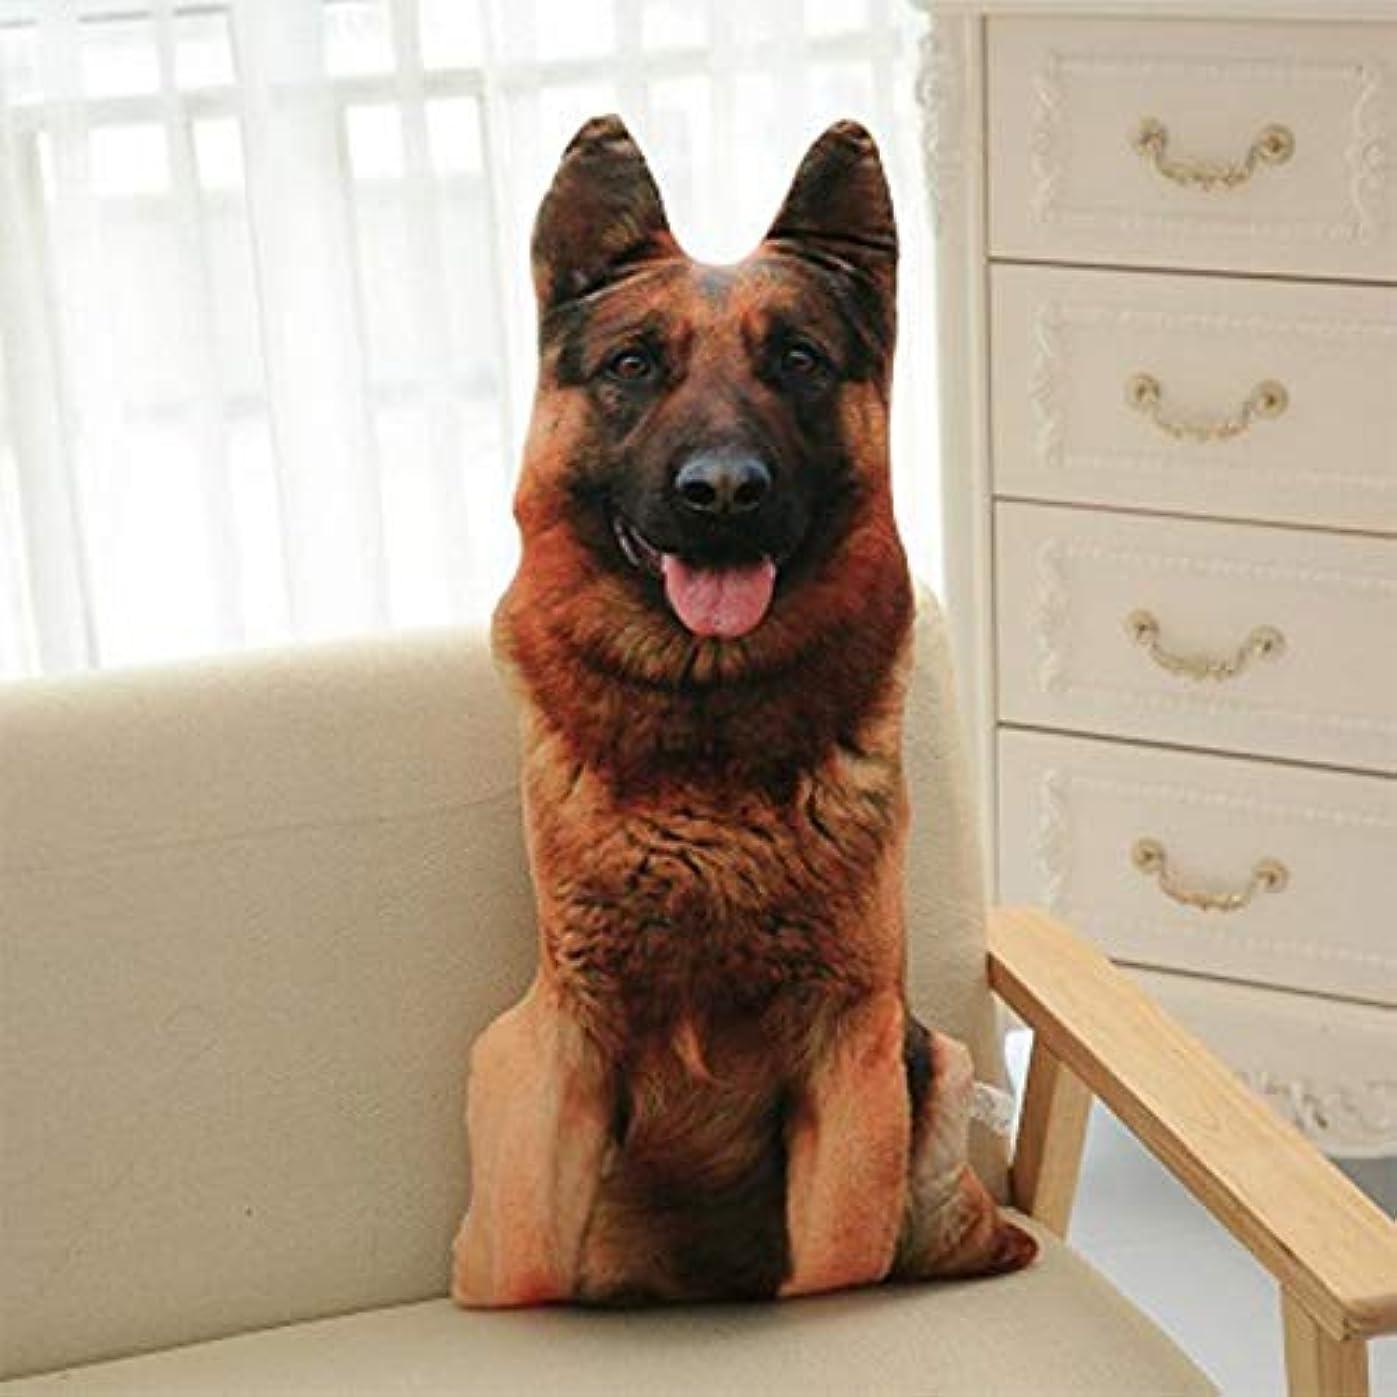 振る市民権器官LIFE 3D プリントシミュレーション犬ぬいぐるみクッションぬいぐるみ犬ぬいぐるみ枕ぬいぐるみの漫画クッションキッズ人形ベストギフト クッション 椅子